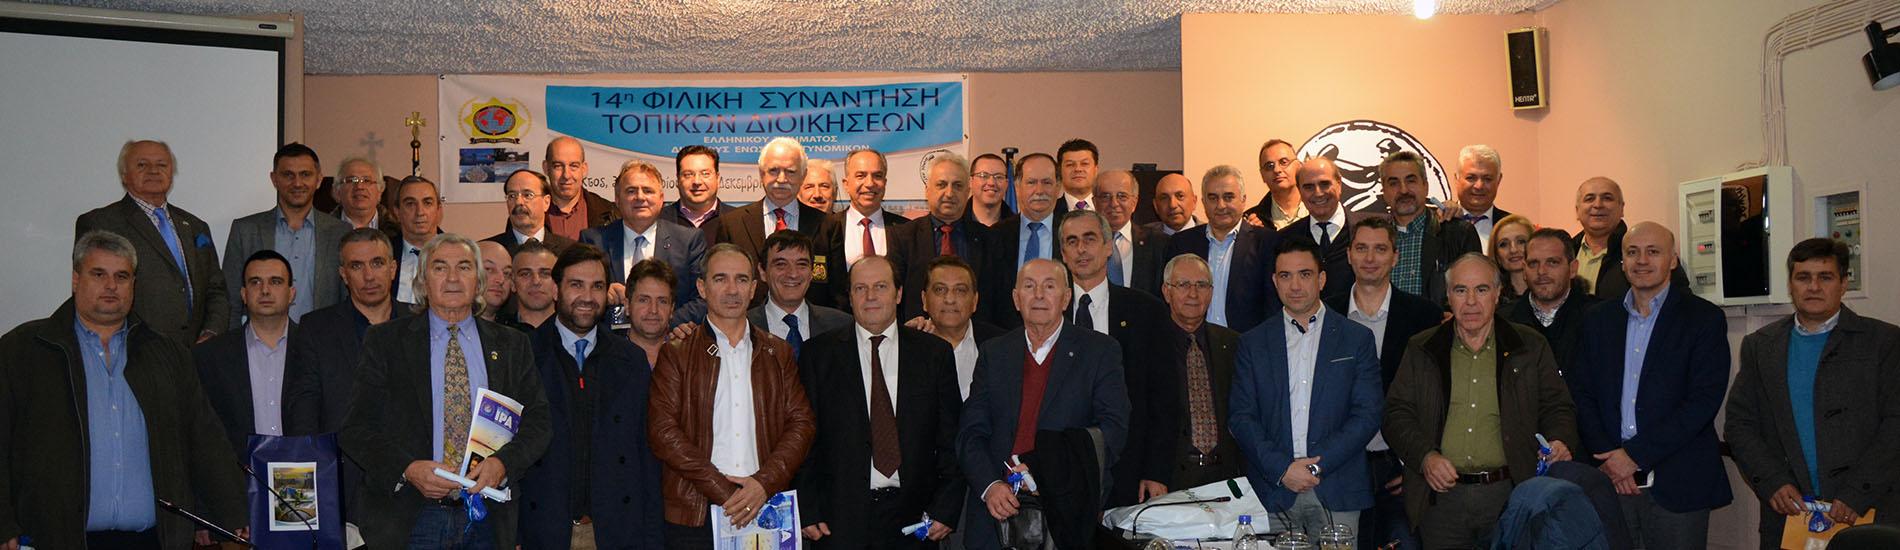 14η Φιλική συνάντηση τοπικών διοικήσεων Δ.Ε.Α. στην Ναύπακτο (+photos)